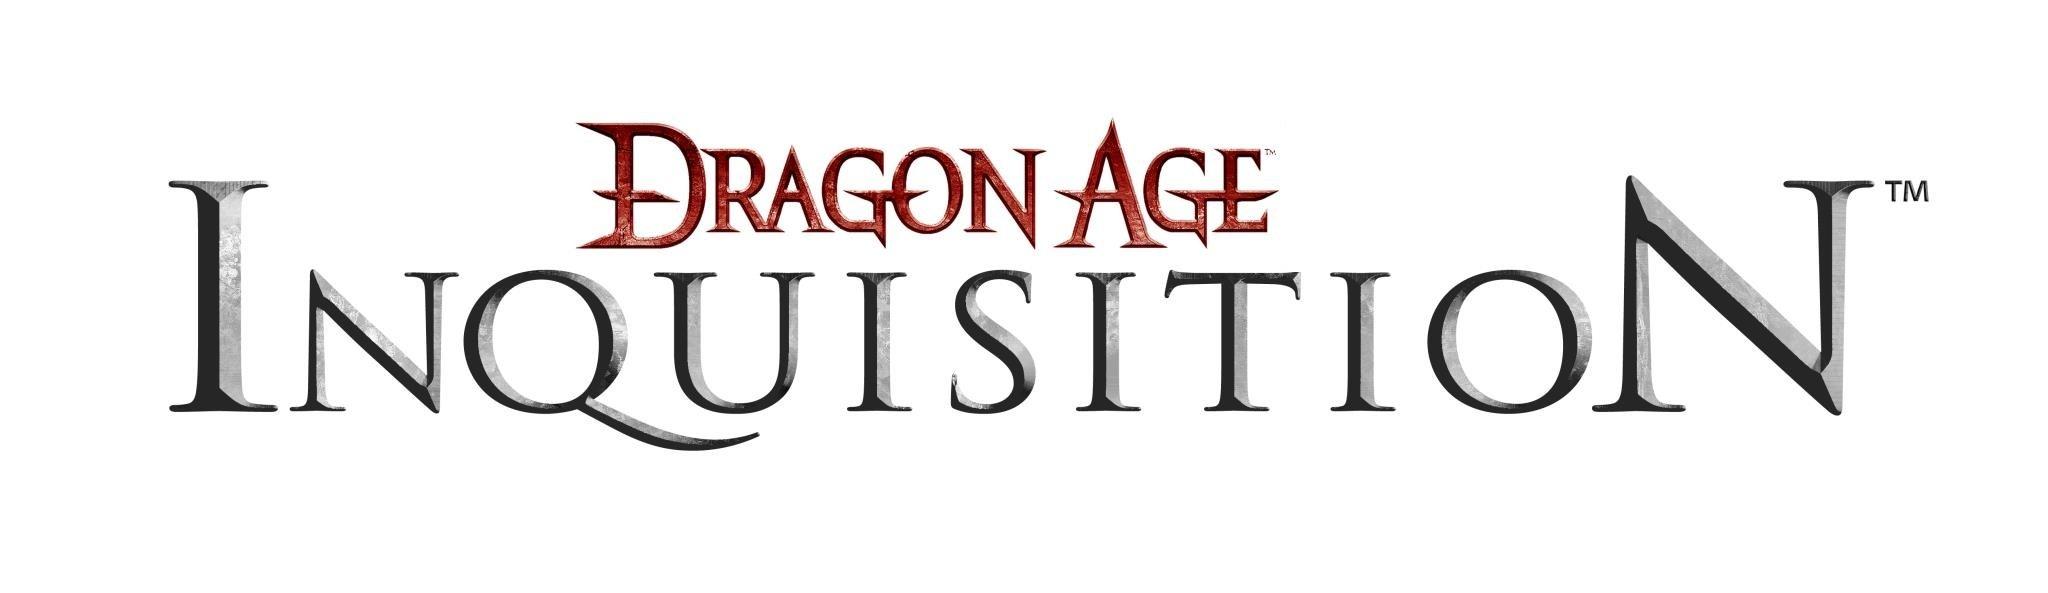 Запись вчерашней Twitch-транляции с новыми кадрами игрового процесса «Dragon Age: Инквизиция».. - Изображение 1